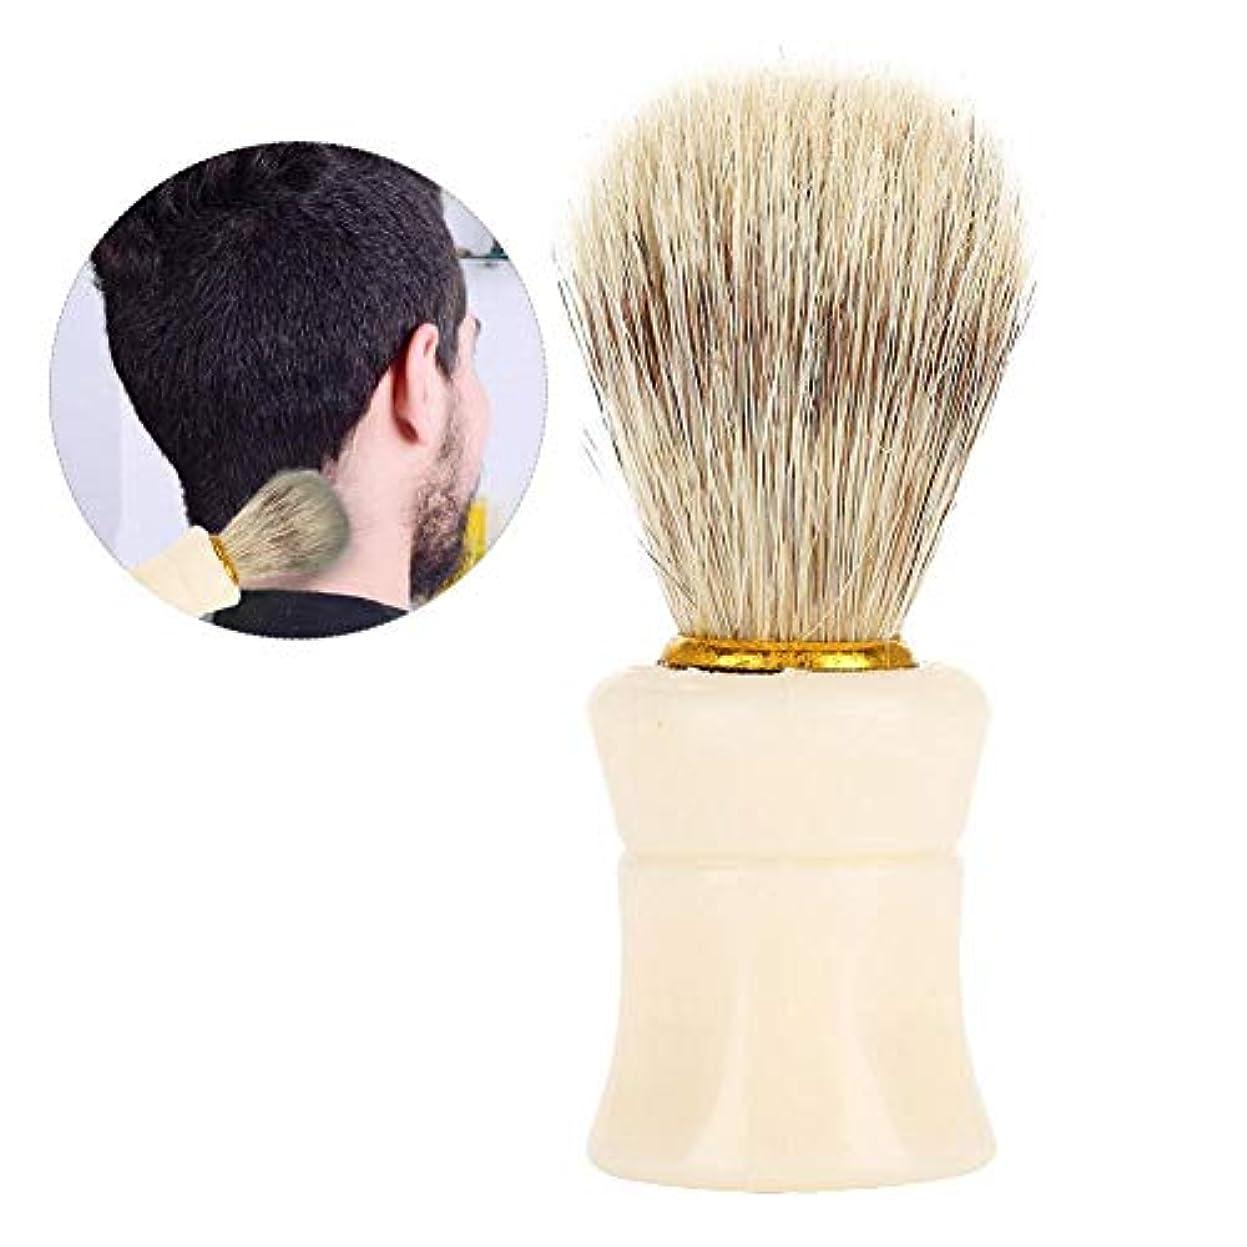 水離す迅速Semme理髪師クリーニングヘアブラシヘアスイープブラシ、プロフェッショナルネックダスターブラシ理髪師理髪クリーニングヘアブラシ